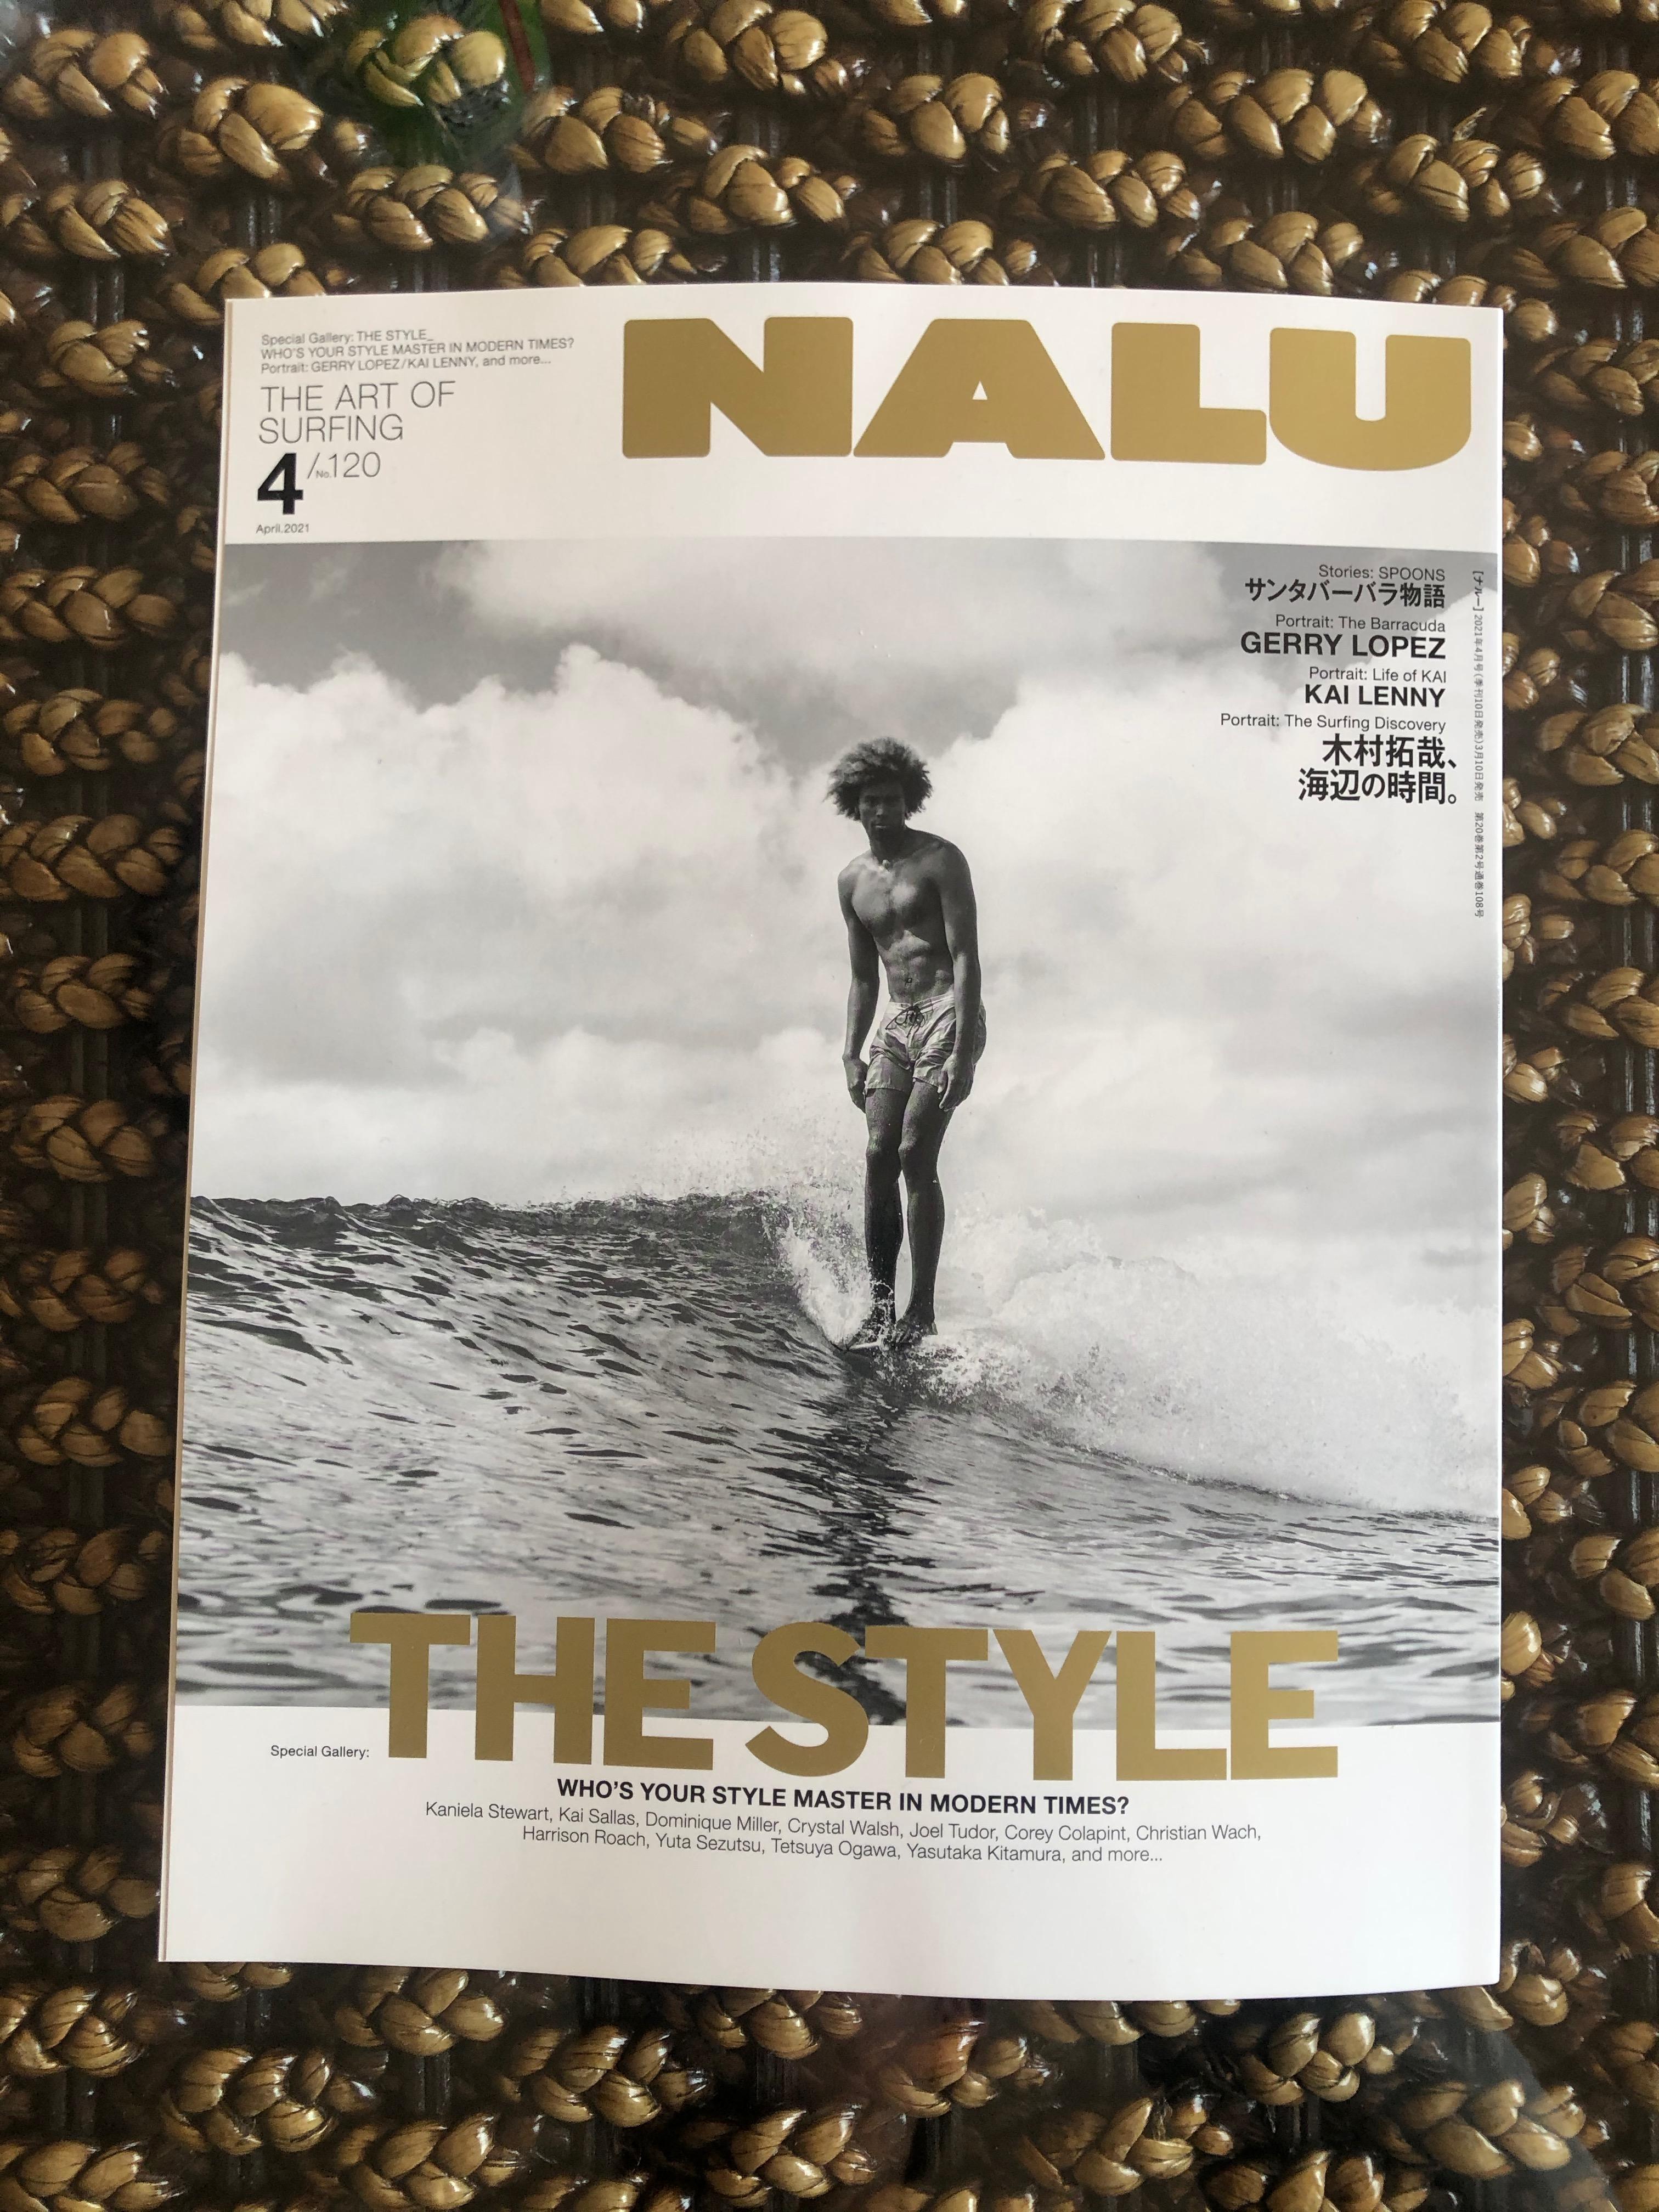 サーフィン雑誌NALU掲載&新作追加